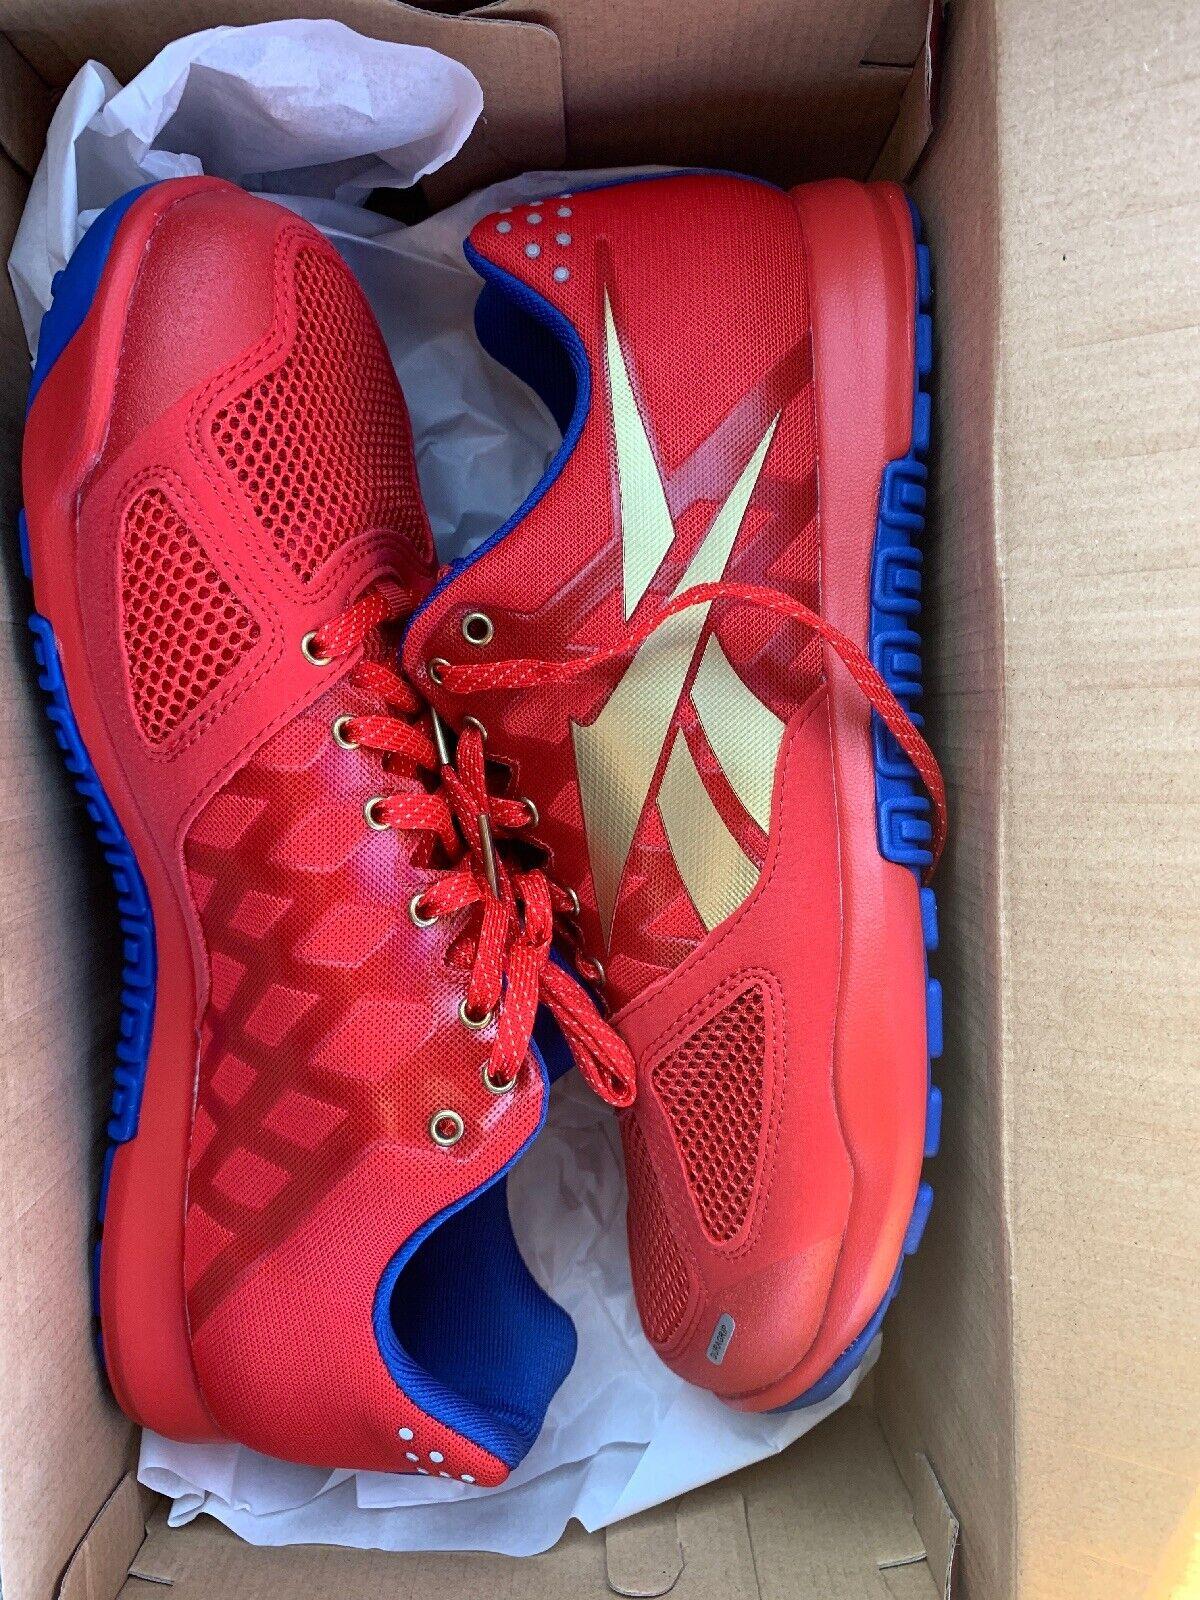 Nuevo REEBOK R CROSSFIT NANO 2.0 para hombres zapatos de entrenamiento (DV5758) Rojo Cobalto 10.5